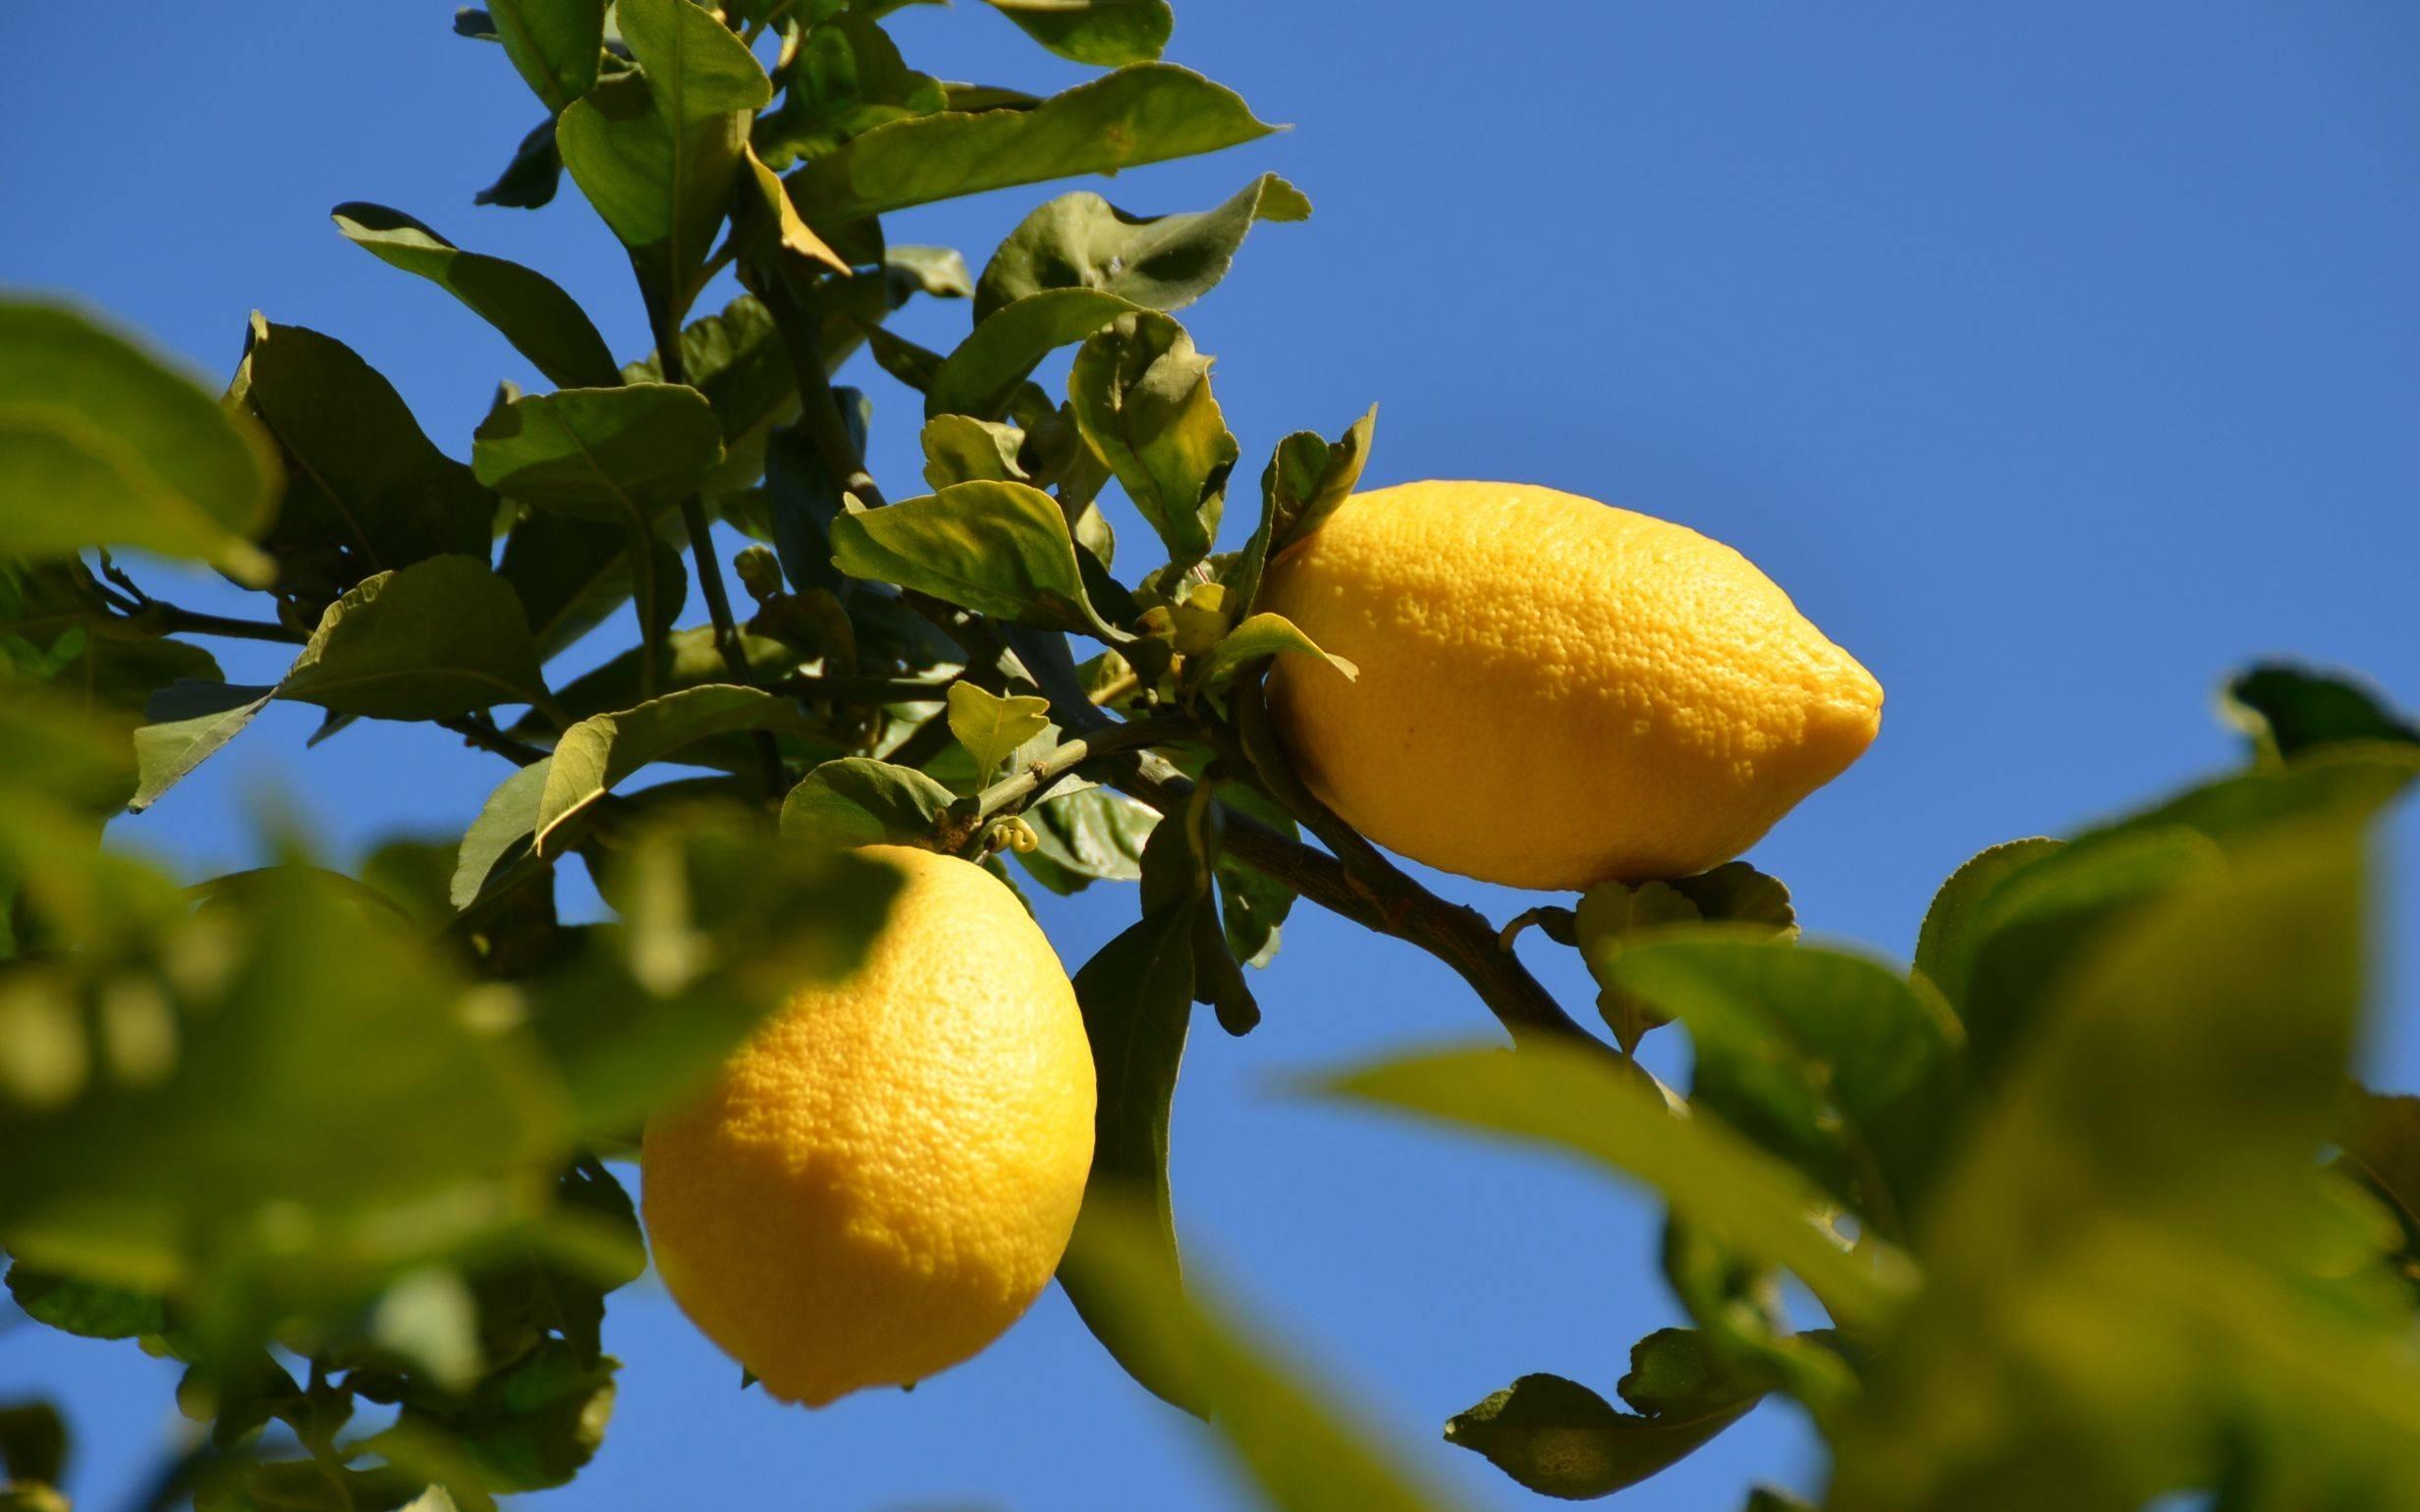 Come potare il limone - Frutteto - Potatura pianta limone